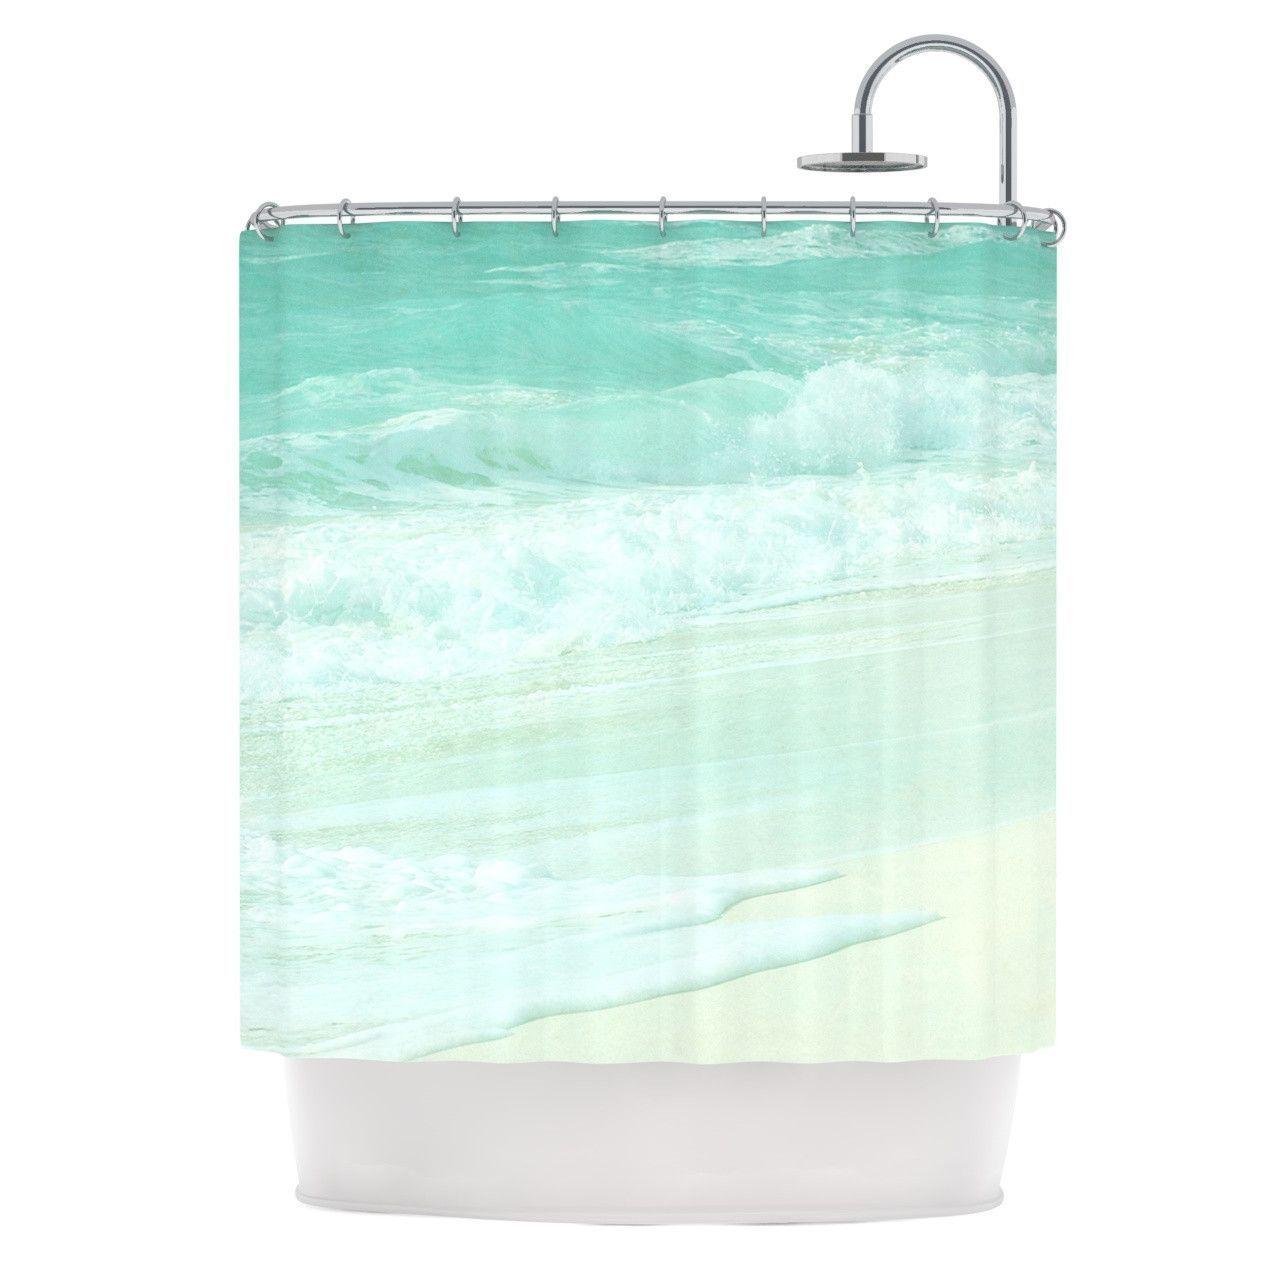 Monika Strigel Paradise Beach Mint Teal Green Shower Curtain Seafoam Aqua Waves Mexico Florida Summer Beachy Showercurtain Bathroom